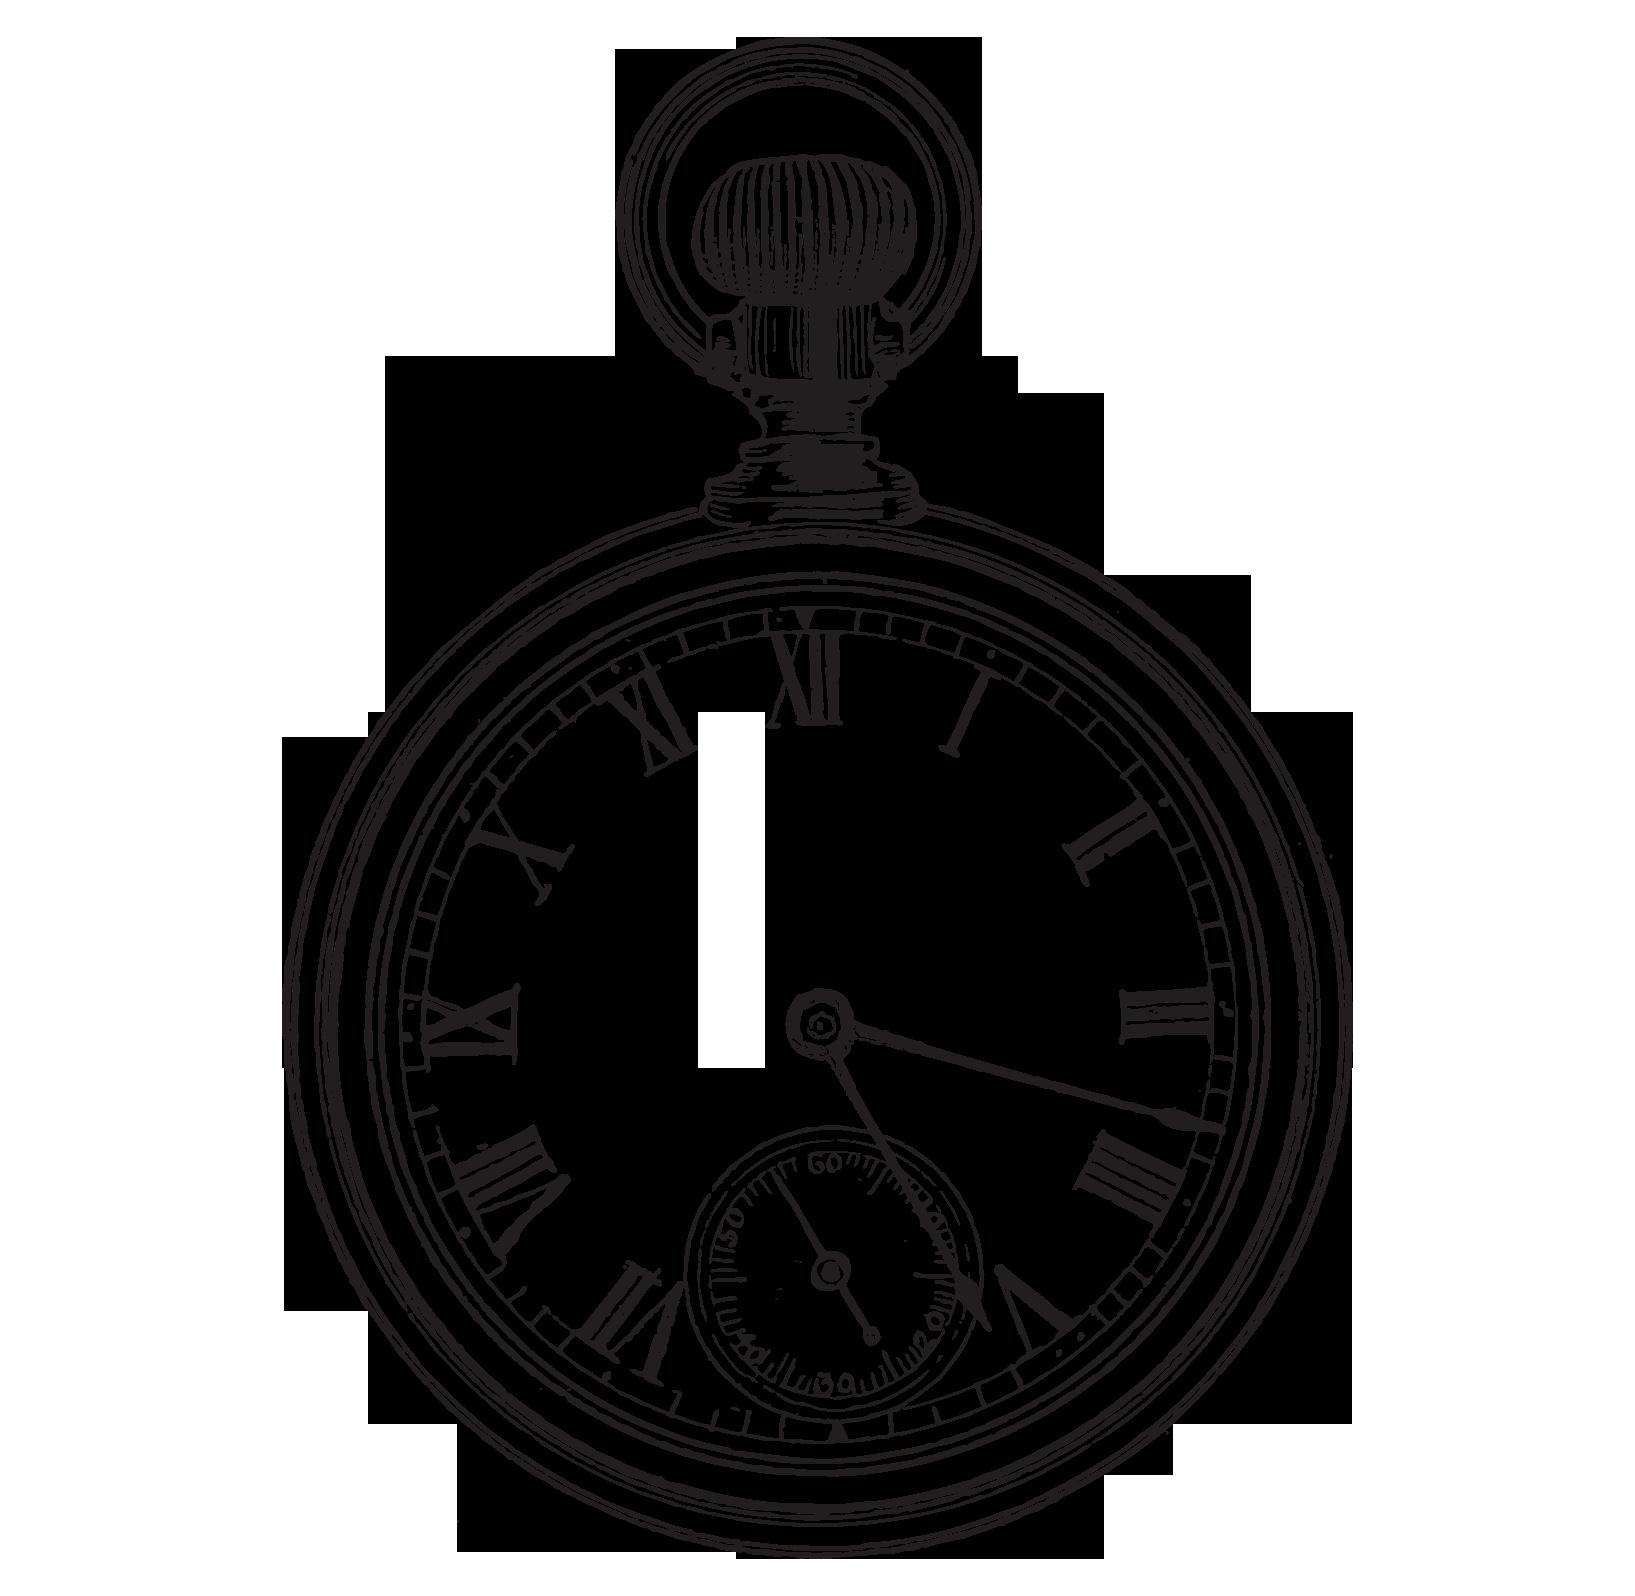 Pocket clock clip art. Stopwatch clipart watch